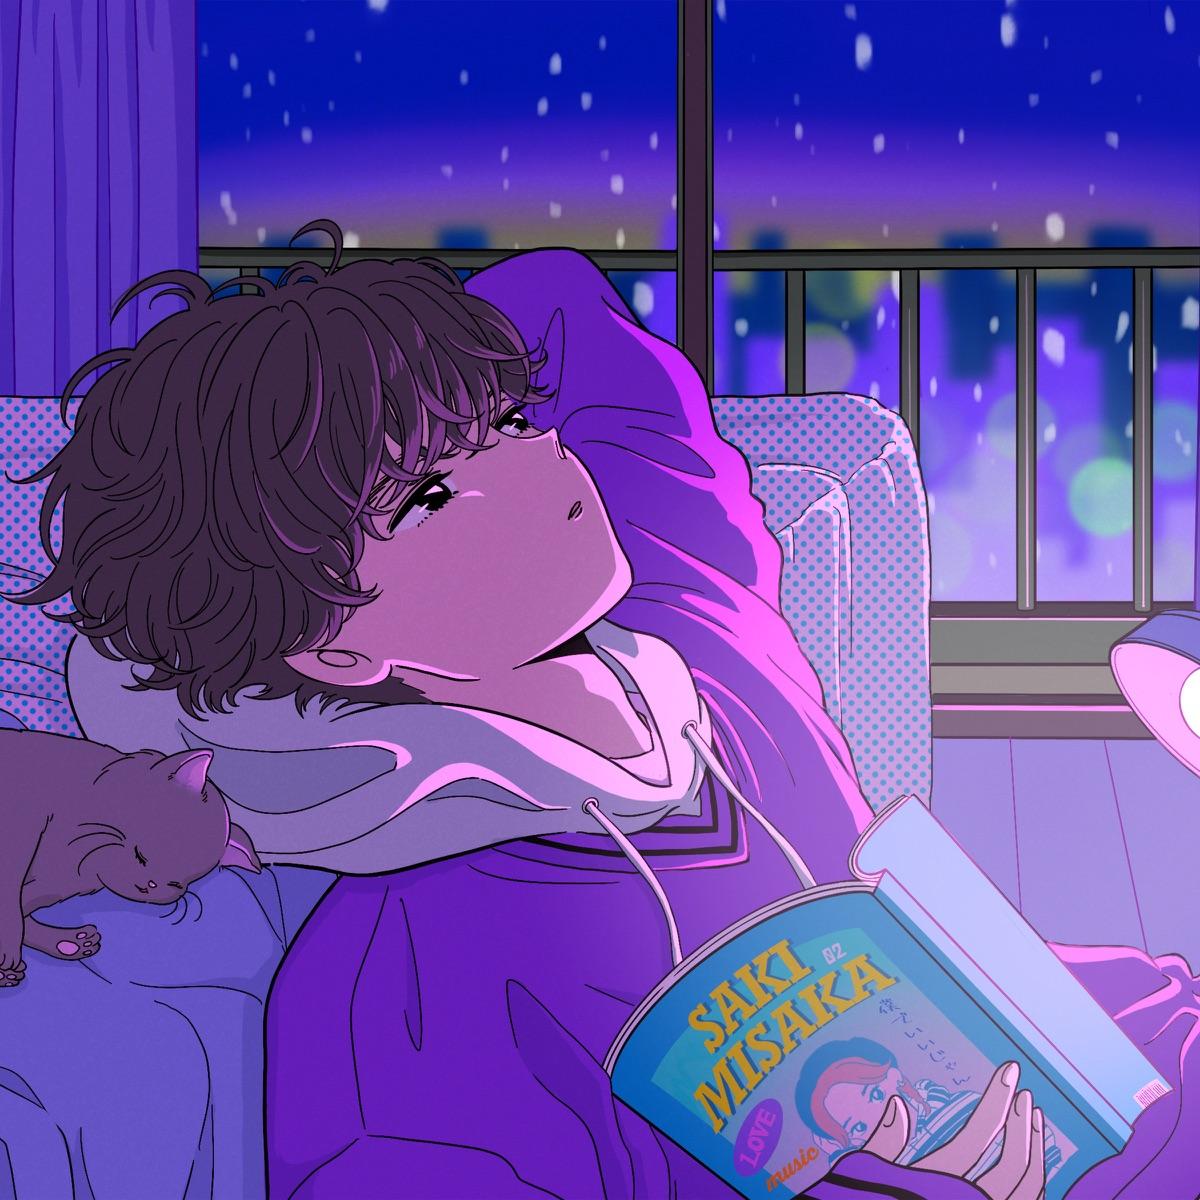 『三阪咲 - 僕でいいじゃん』収録の『僕でいいじゃん』ジャケット